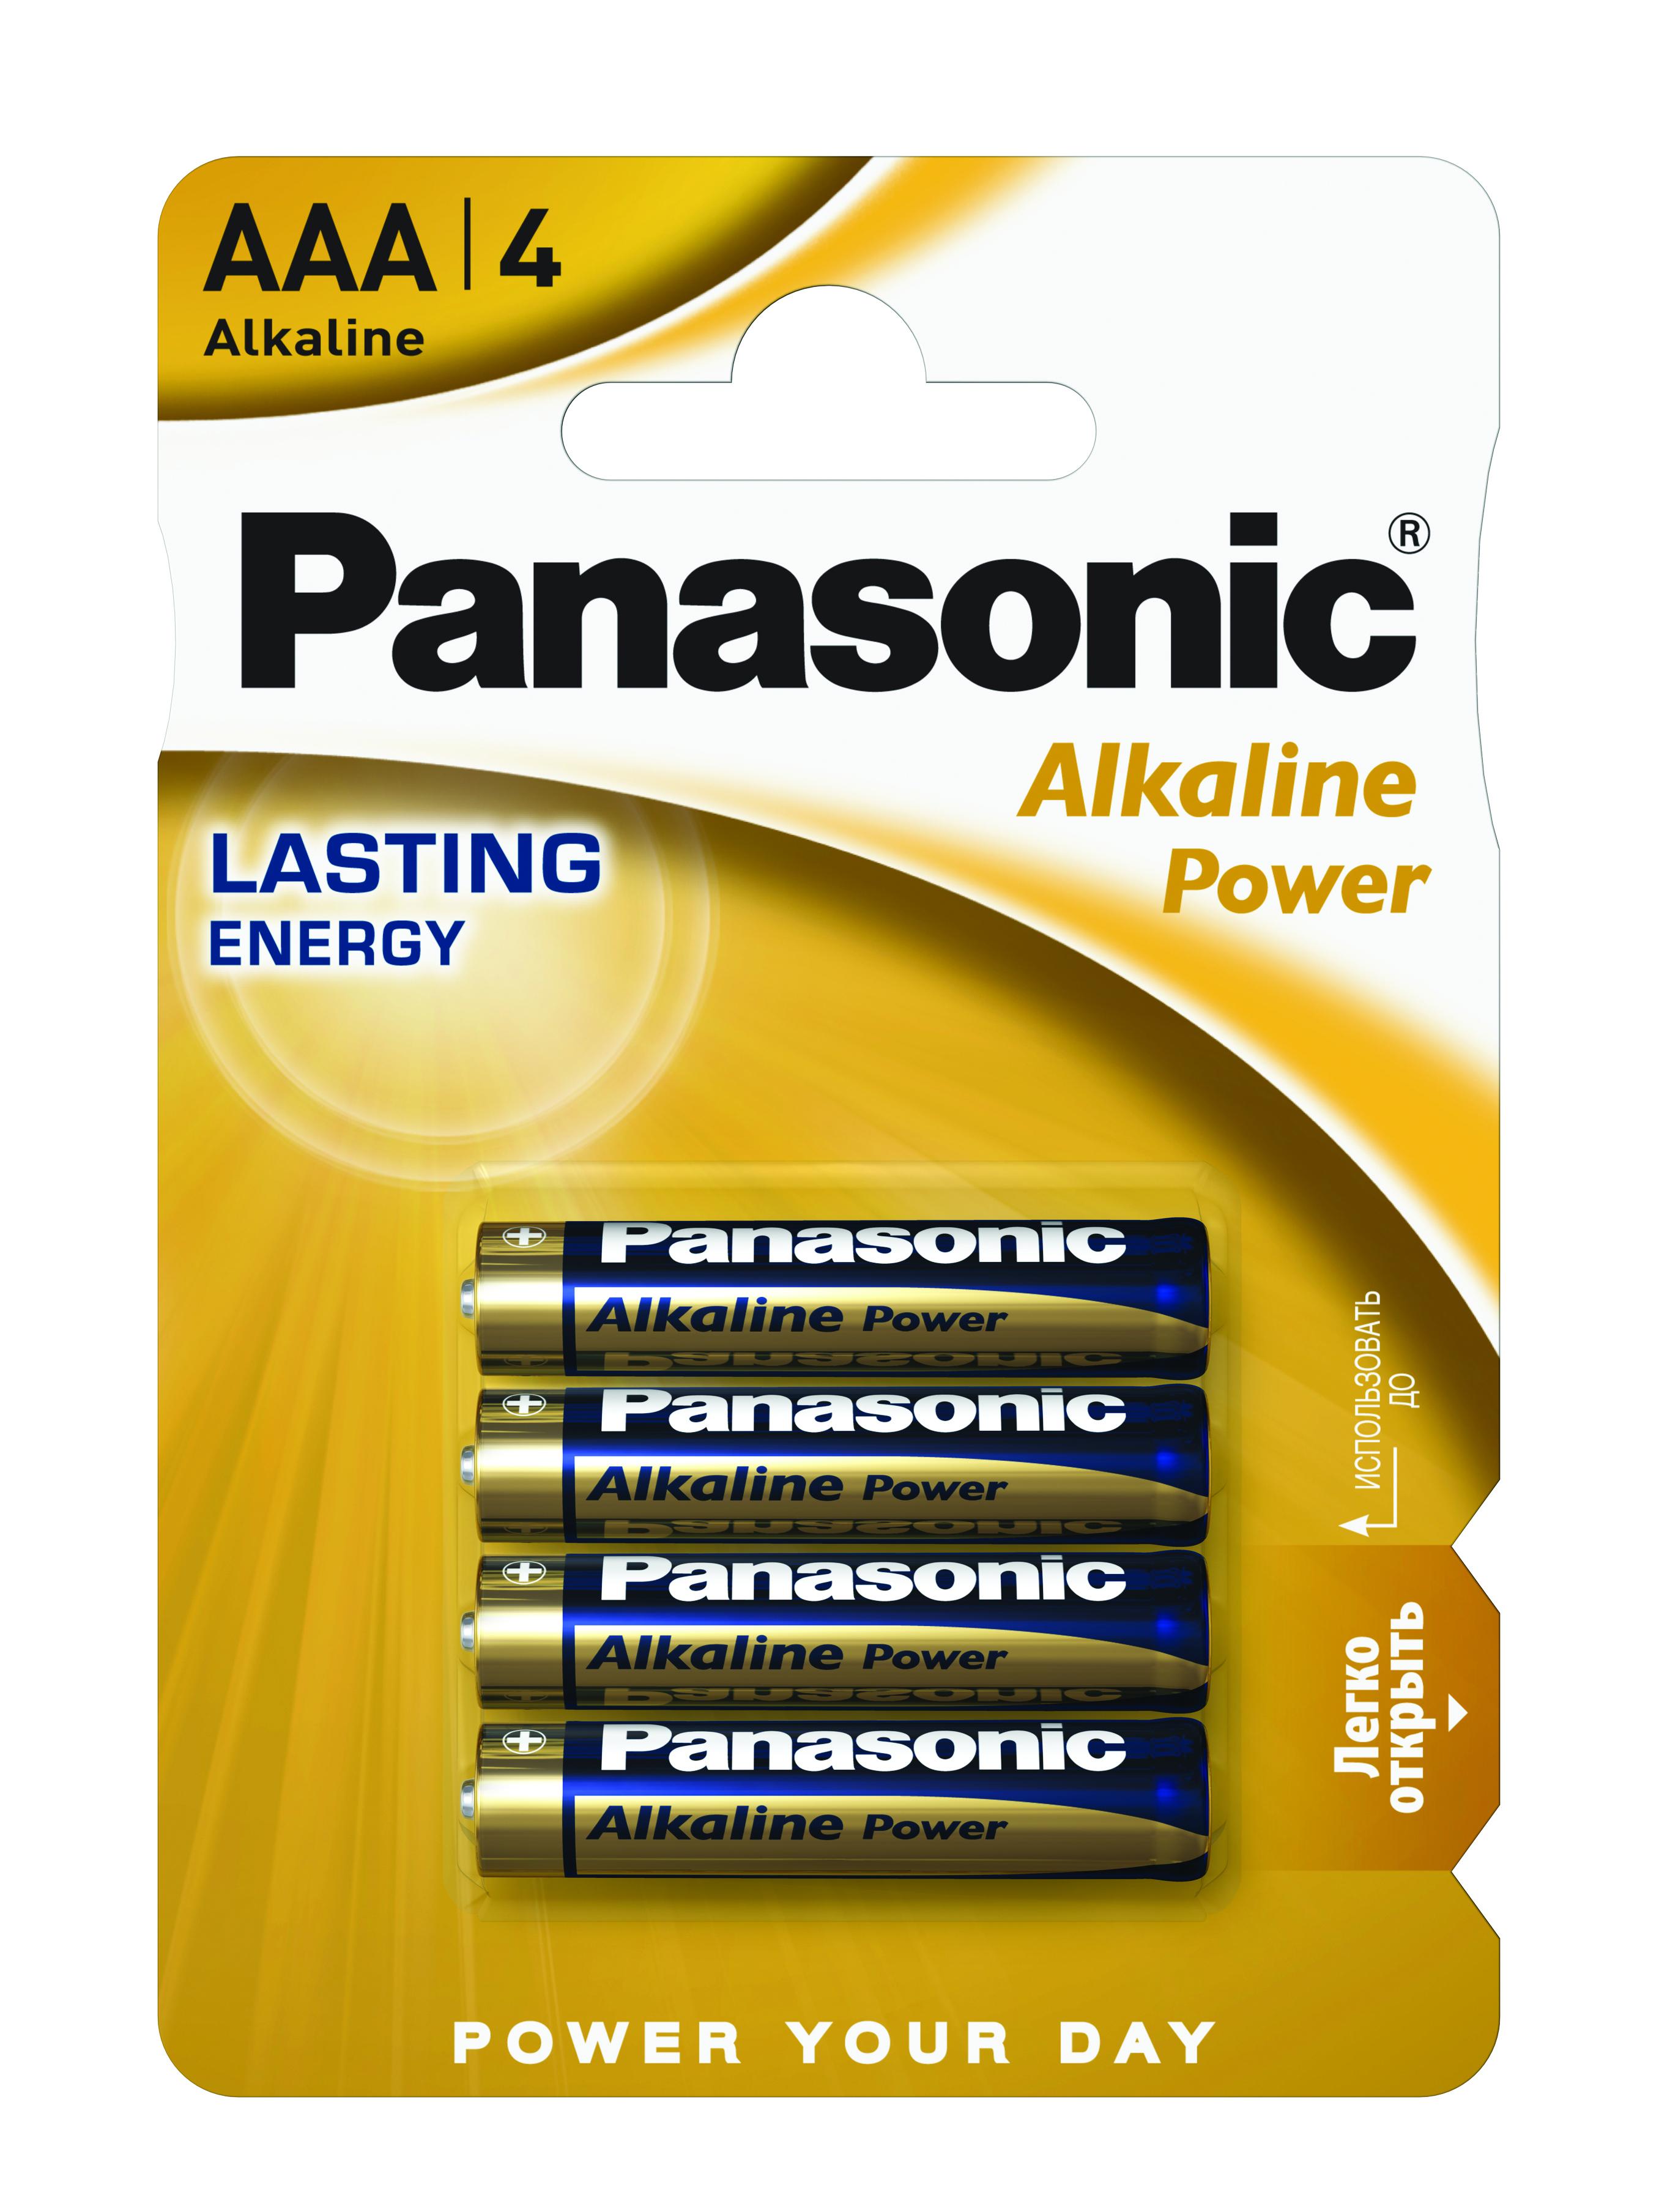 Батарейка LR03 (AAA) Alkaline Power, 4шт./уп. Panasonic - фото 1